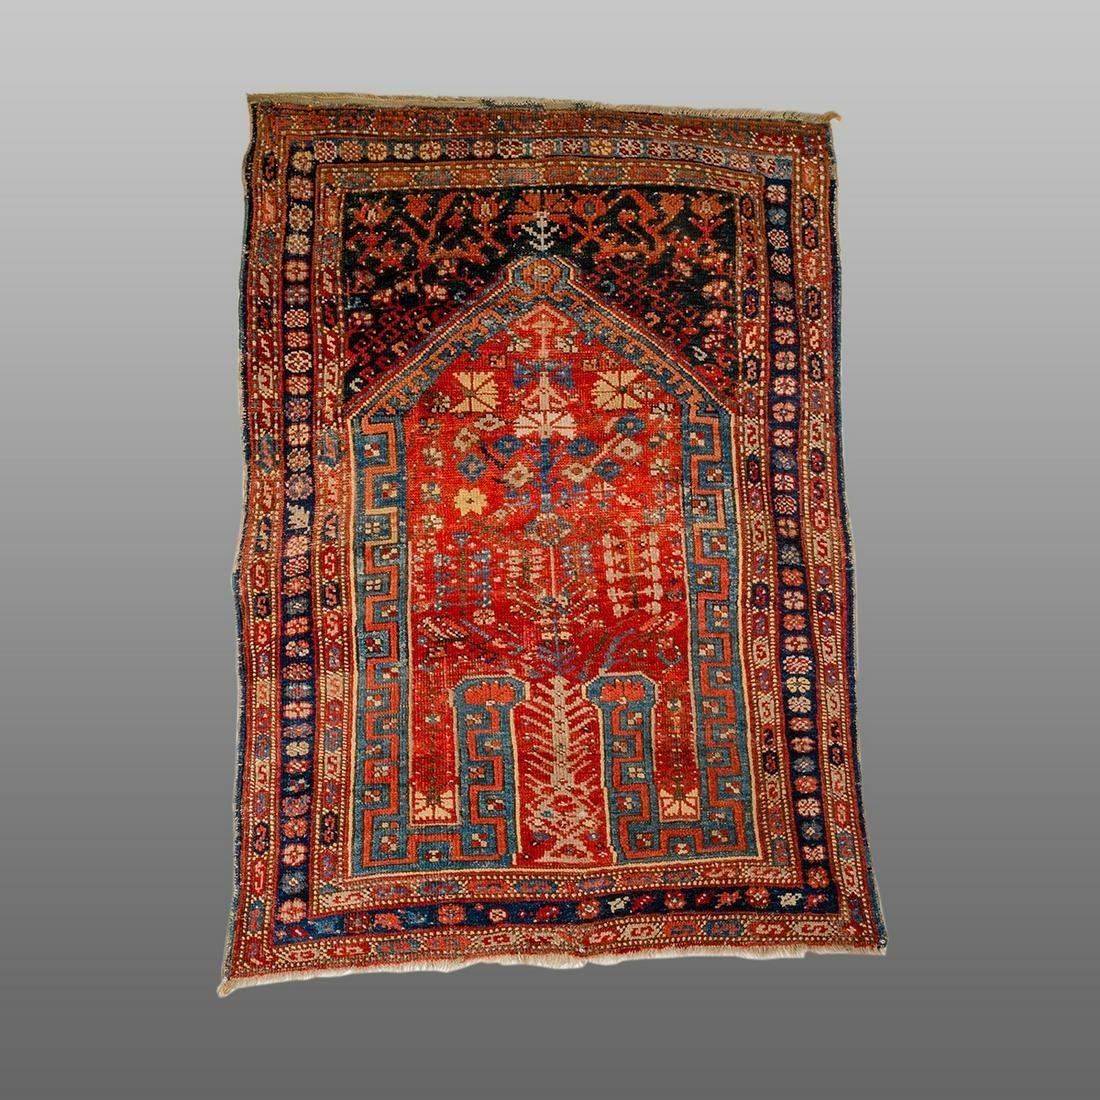 19th century Turkish Ushak wool carpet.